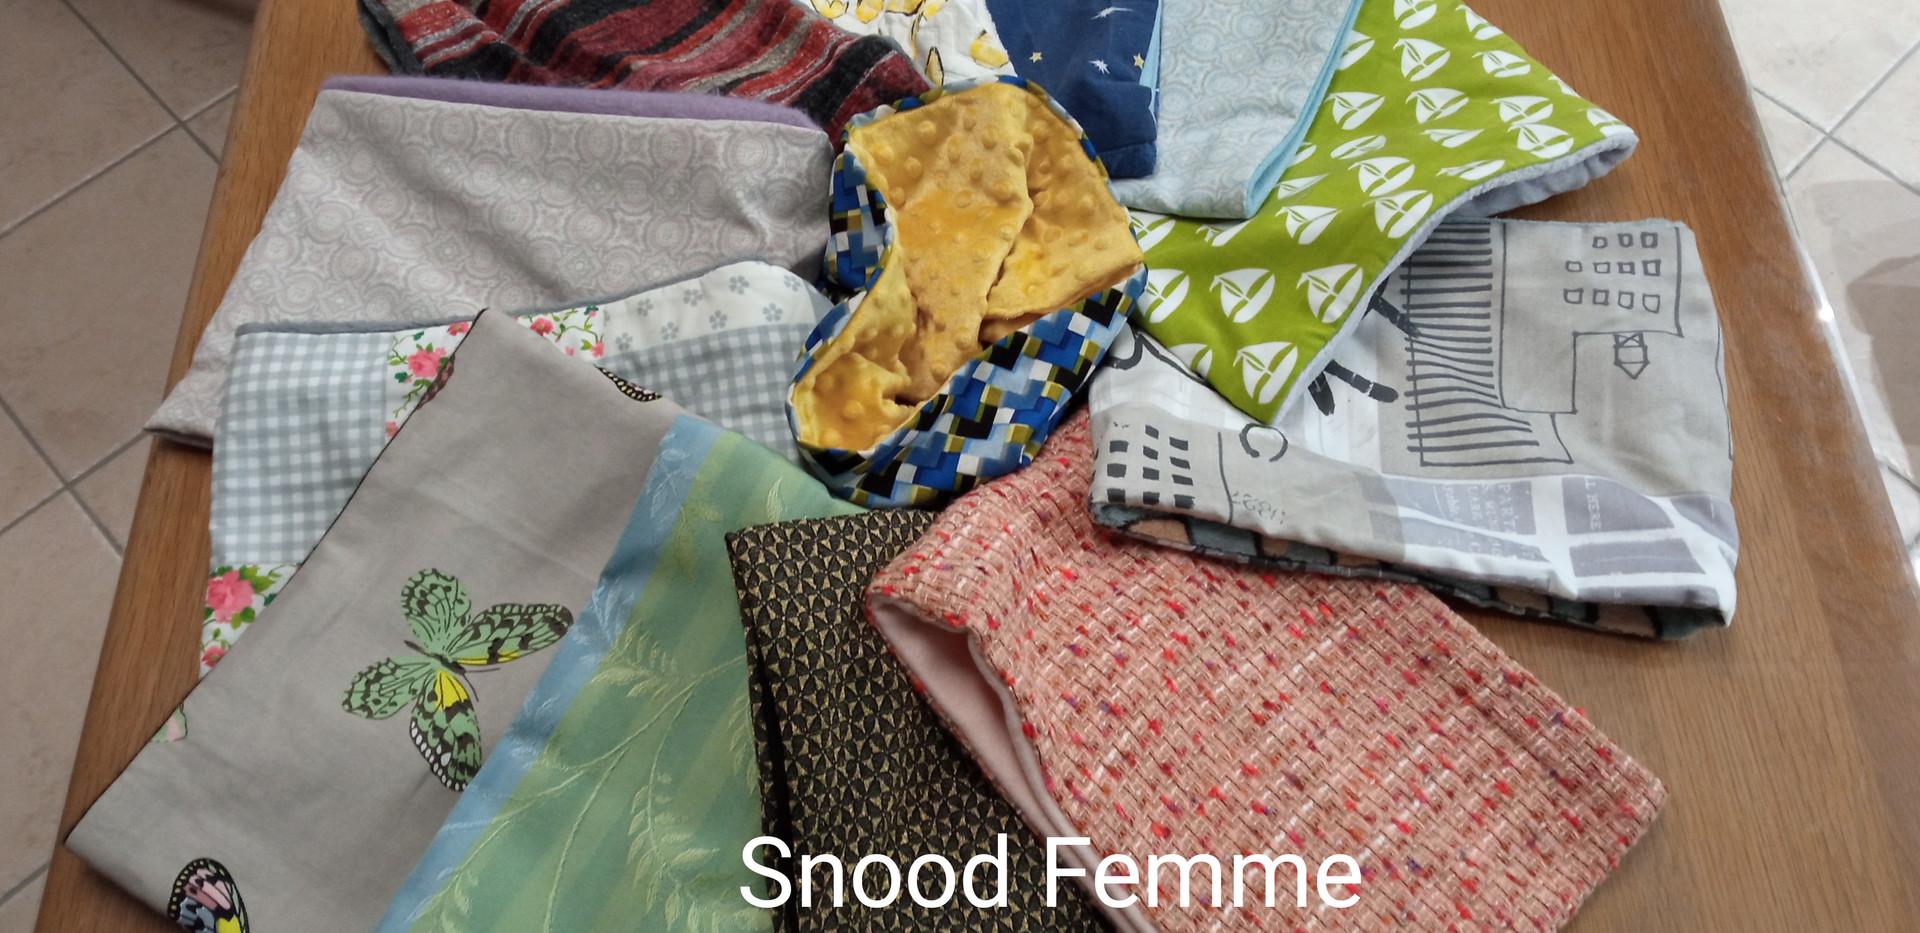 Snood femme